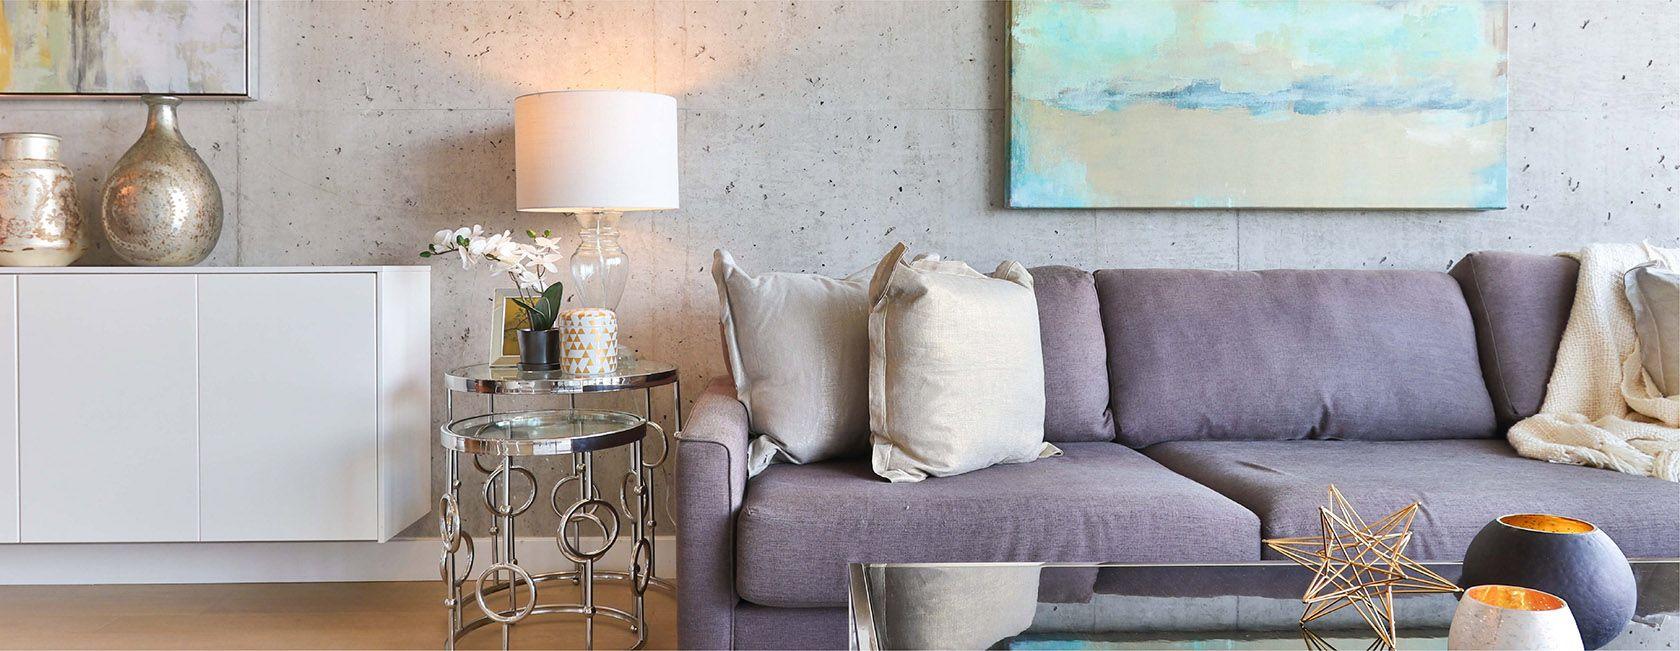 7 Blog Spatial Design of a Living Room Blog Header